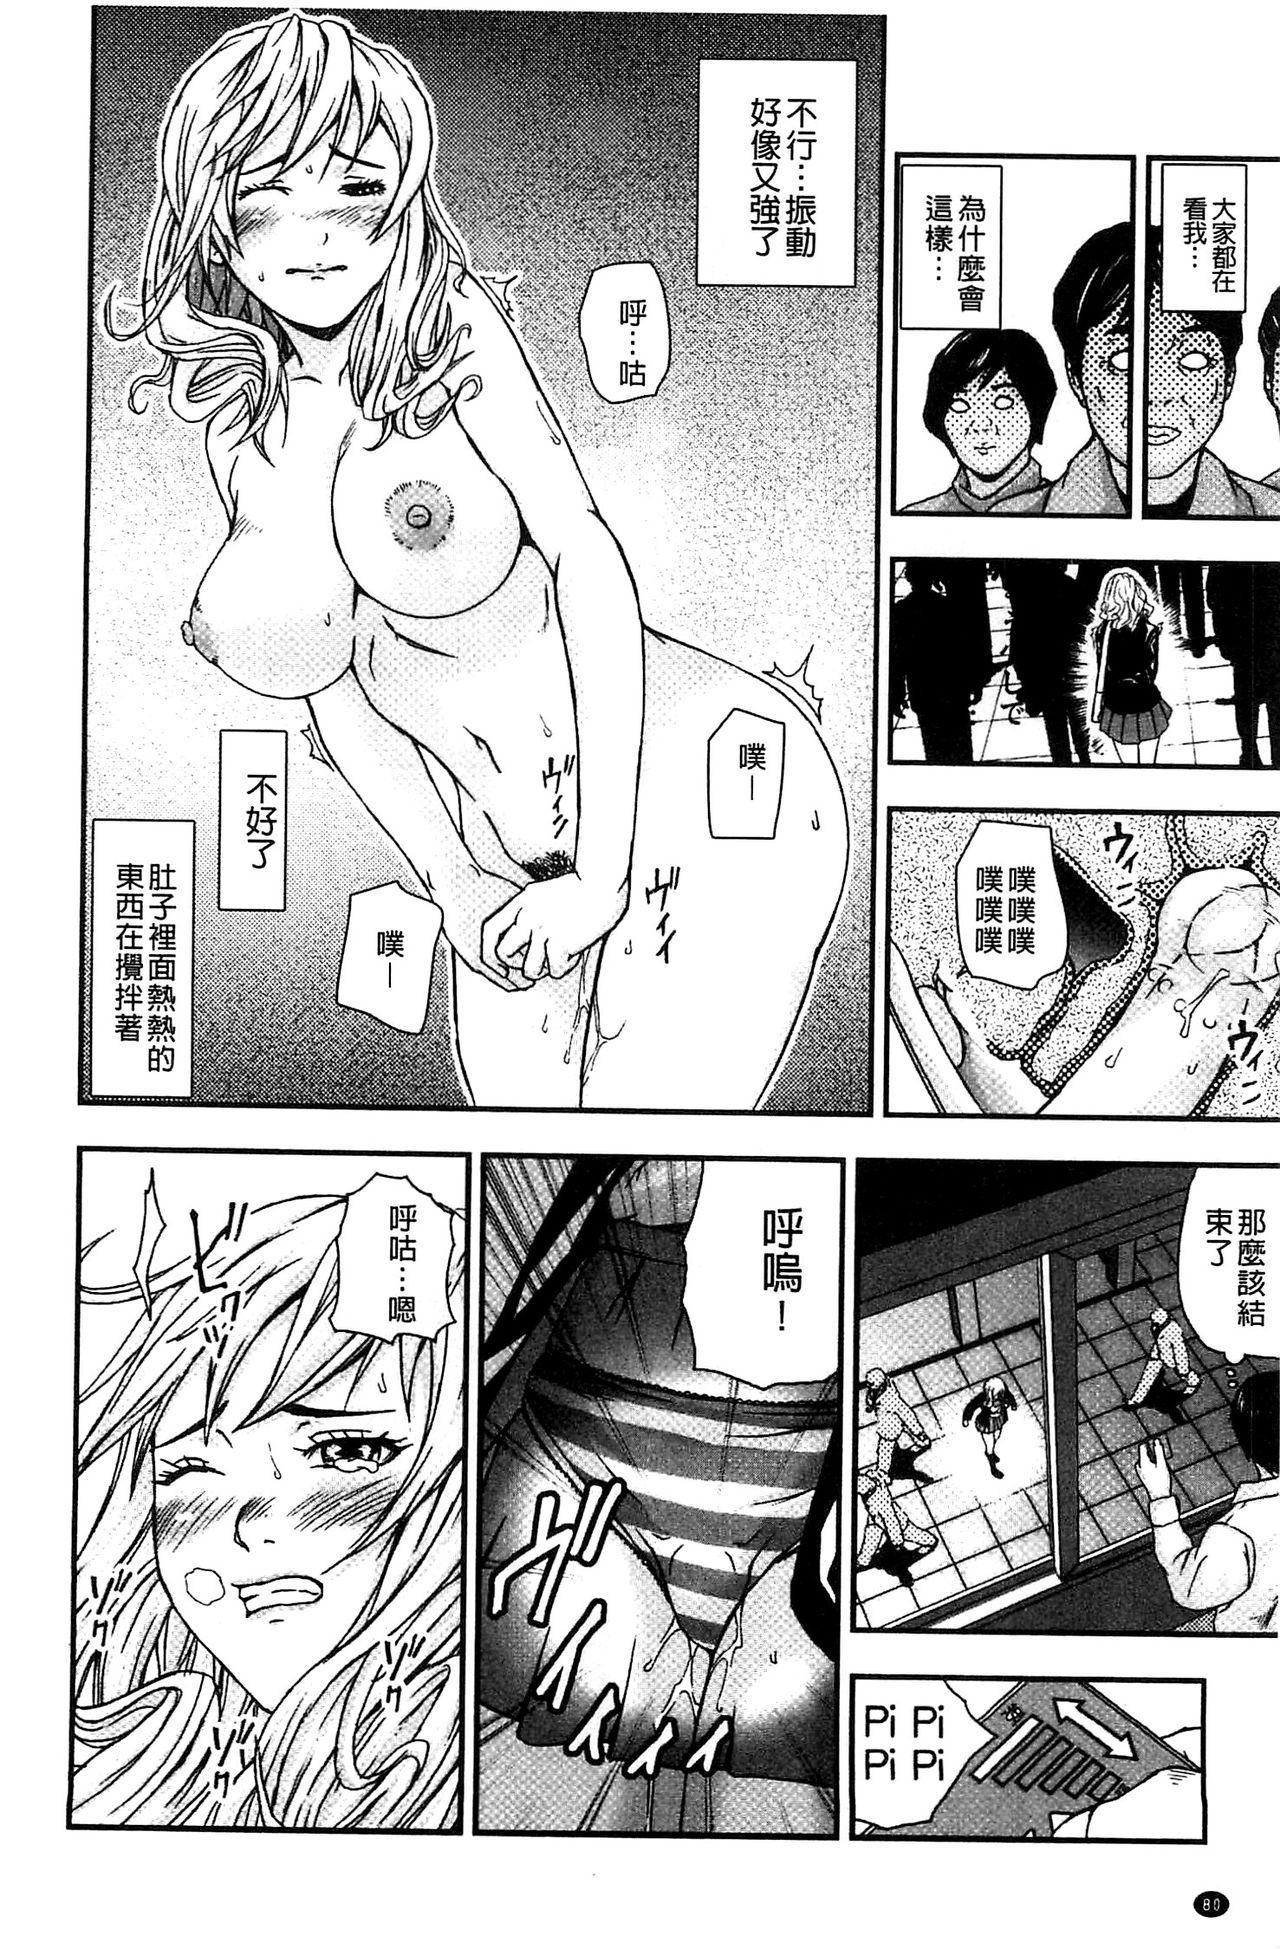 Koijirushi Love Milk | 戀印愛慾鮮乳 81